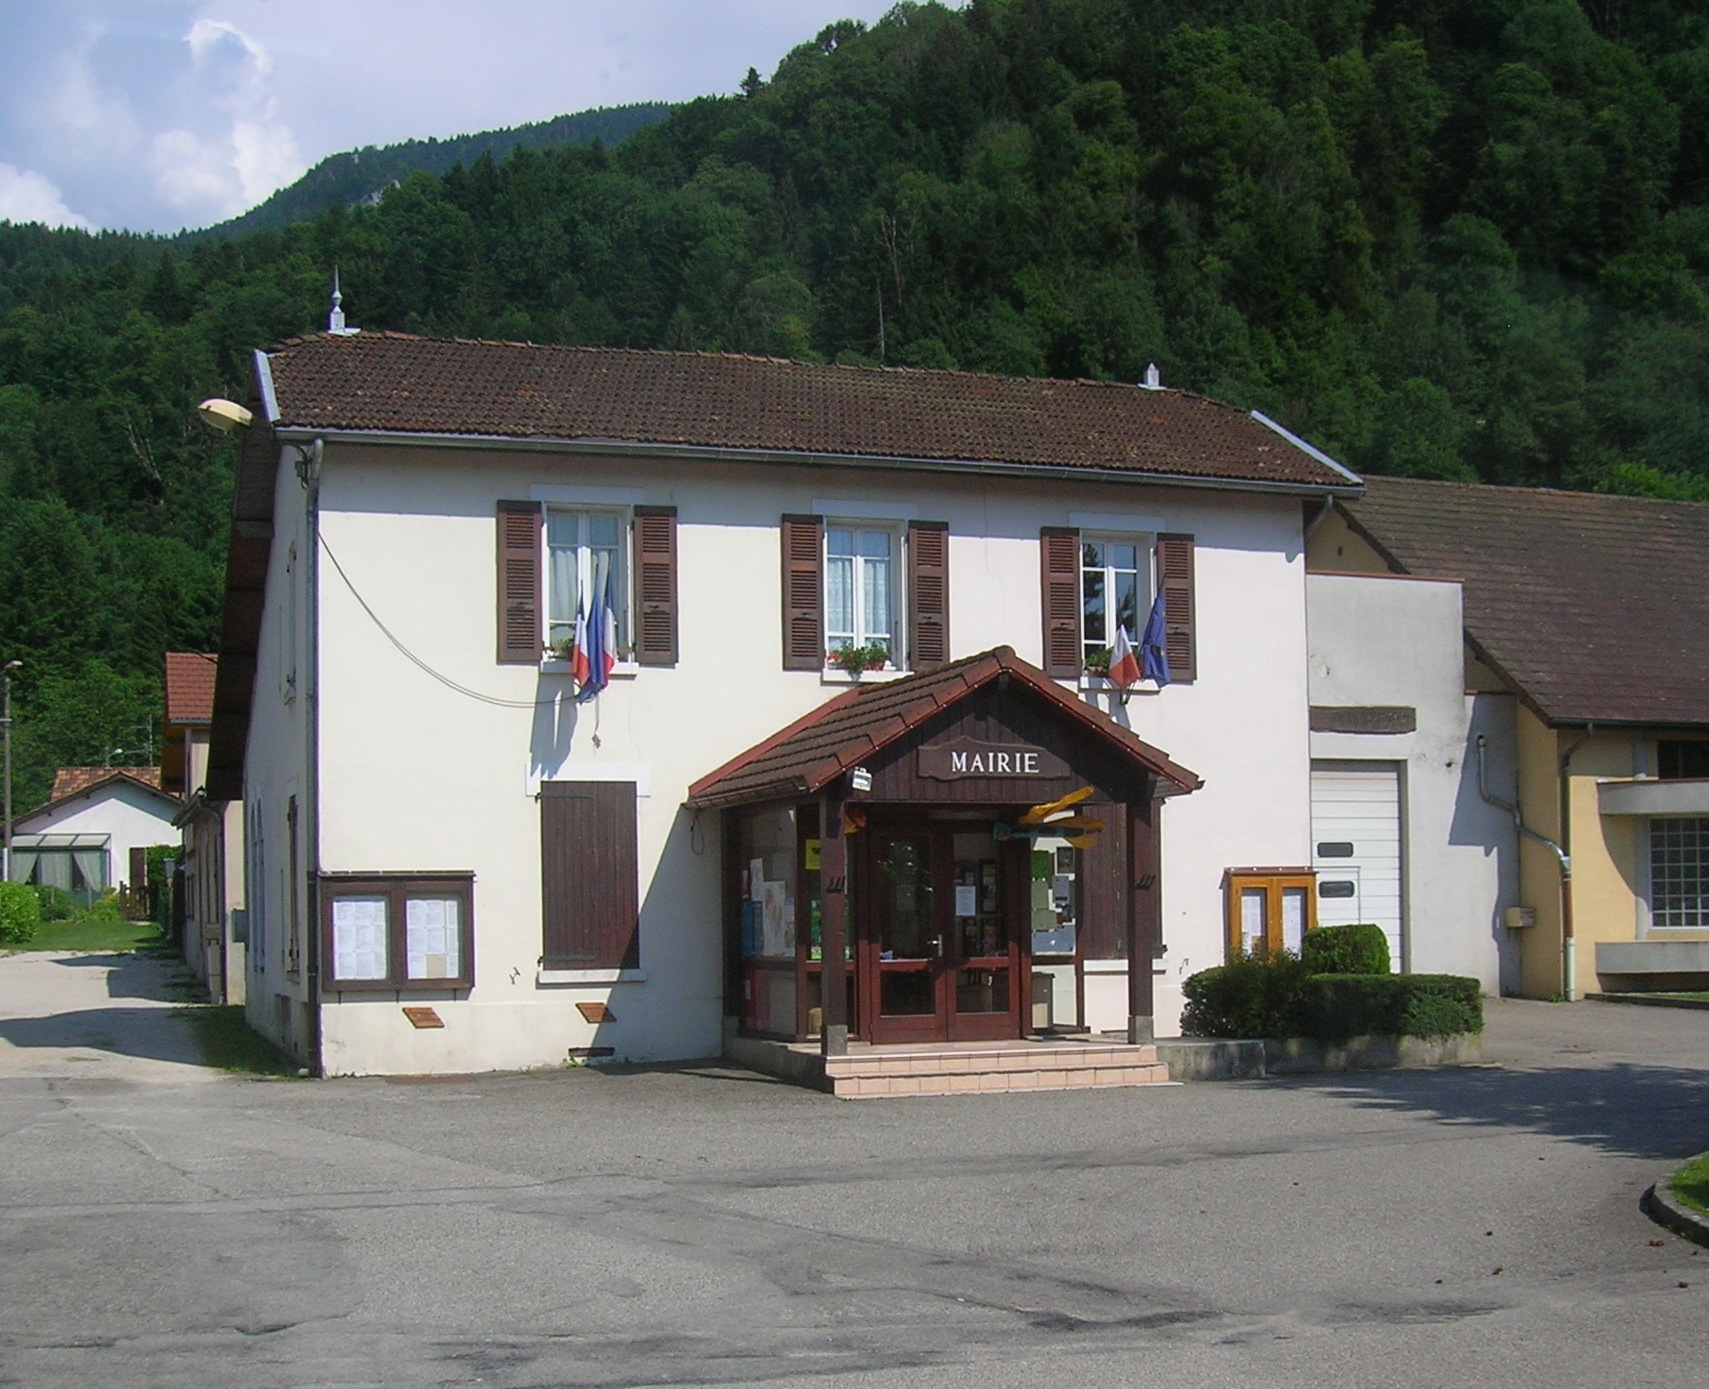 Saint Joseph de Rivière mairie DSCN9926 JPG